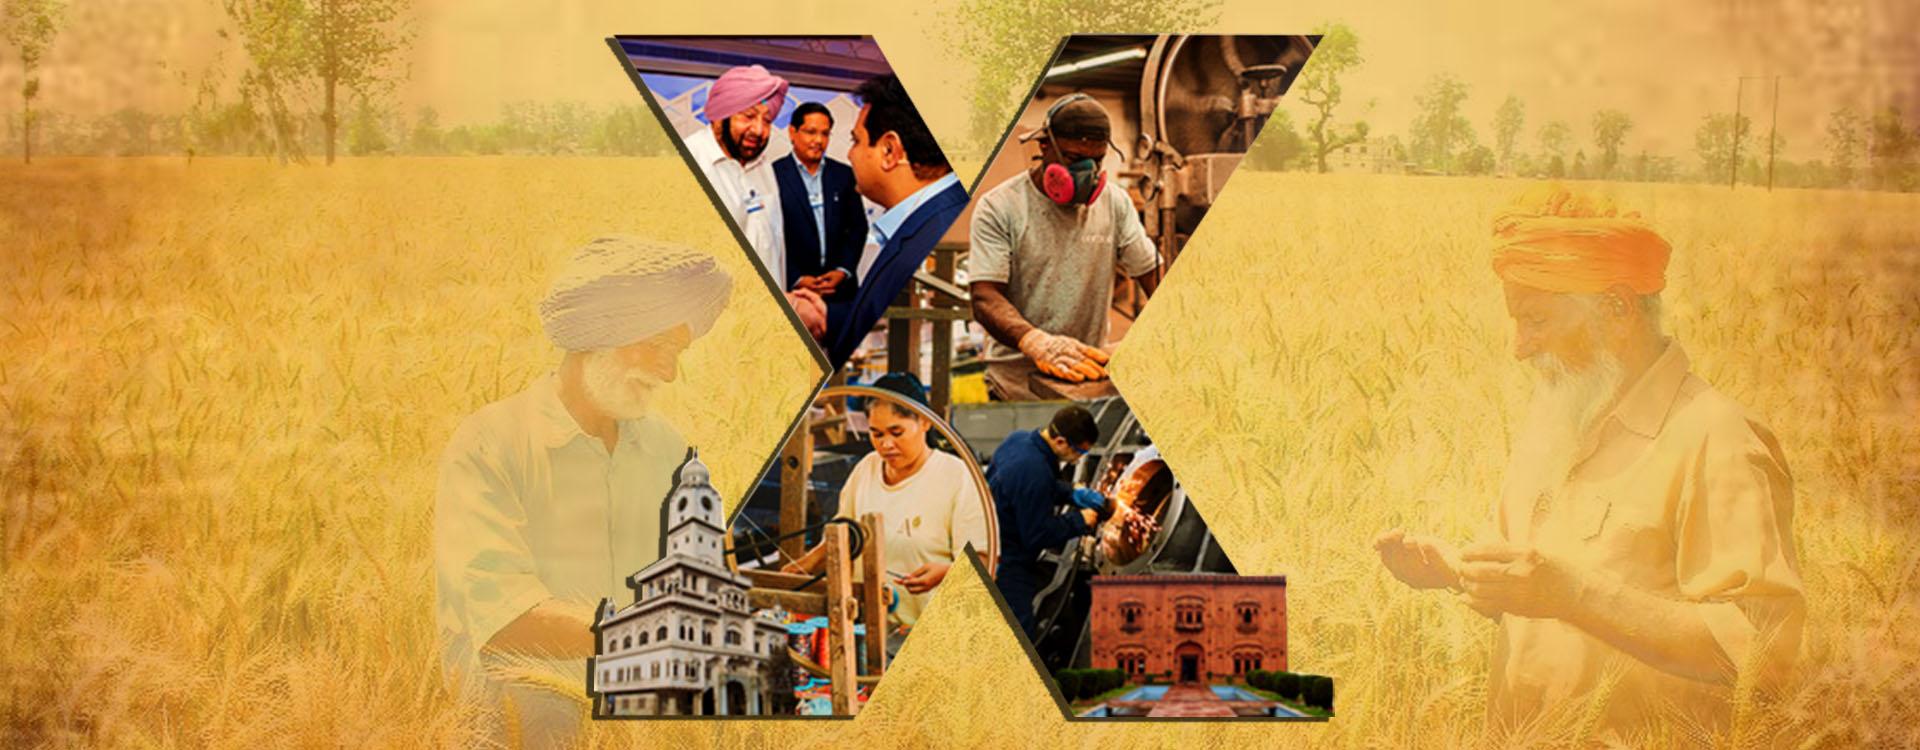 Sadda Karobaar, Punjab Di Shaan/Xcelerator Program